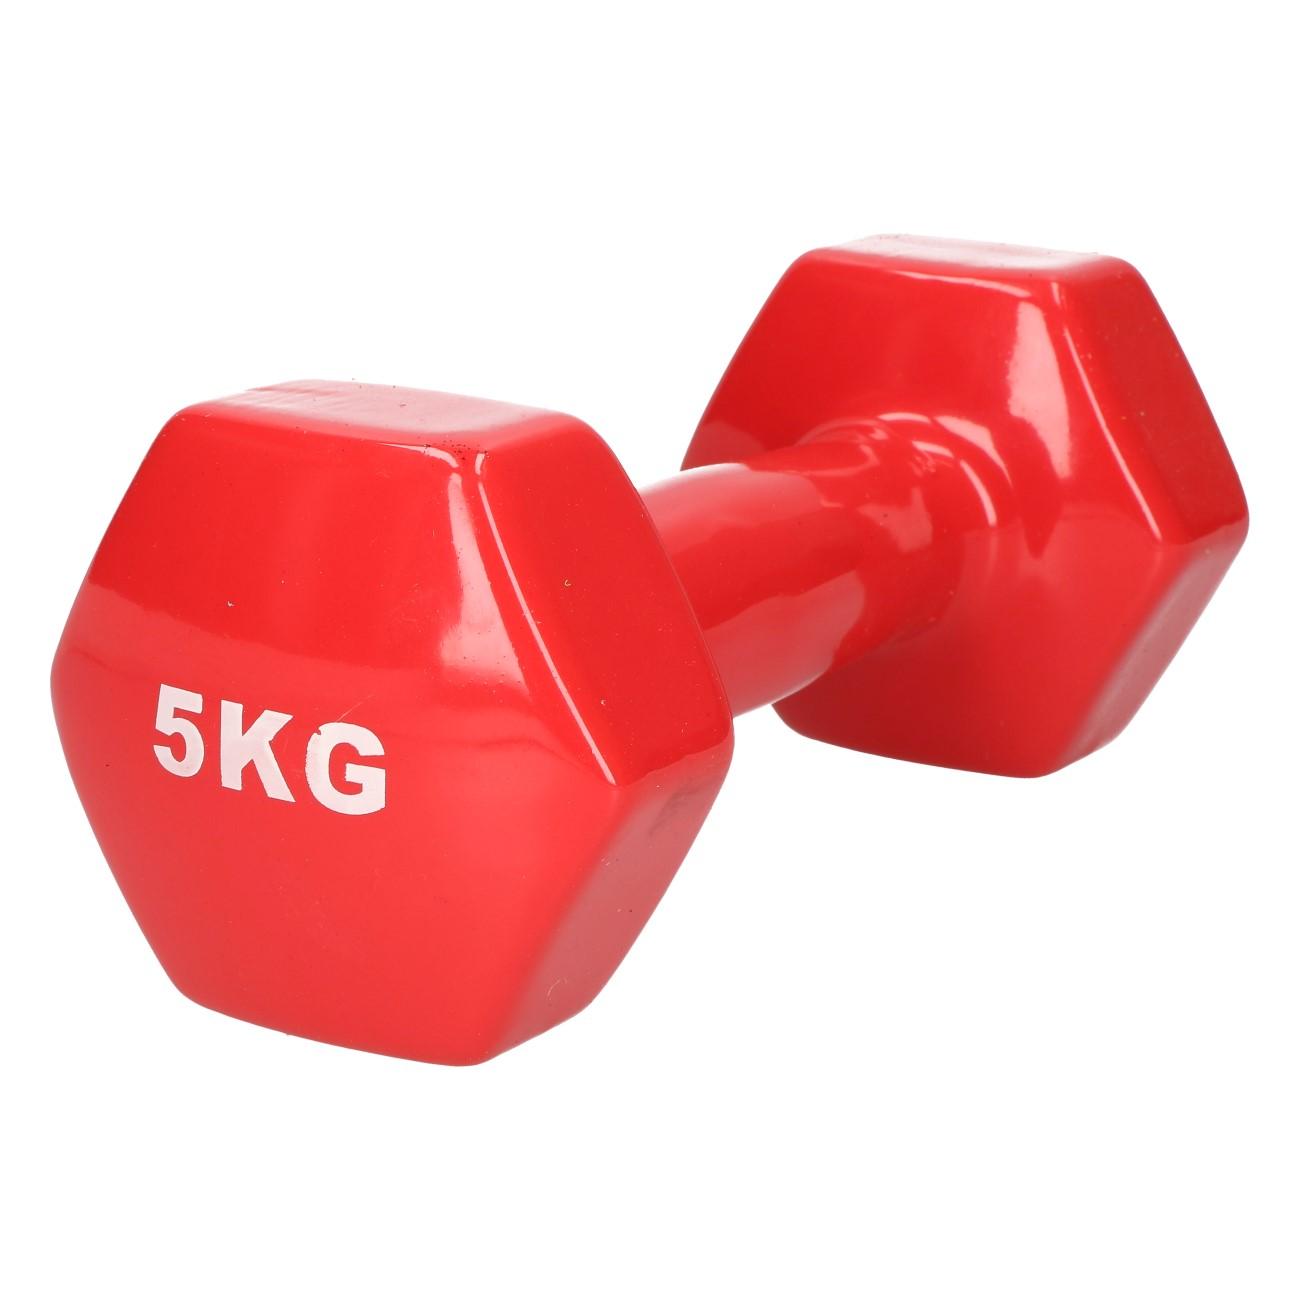 Dumbbell 5 kgs